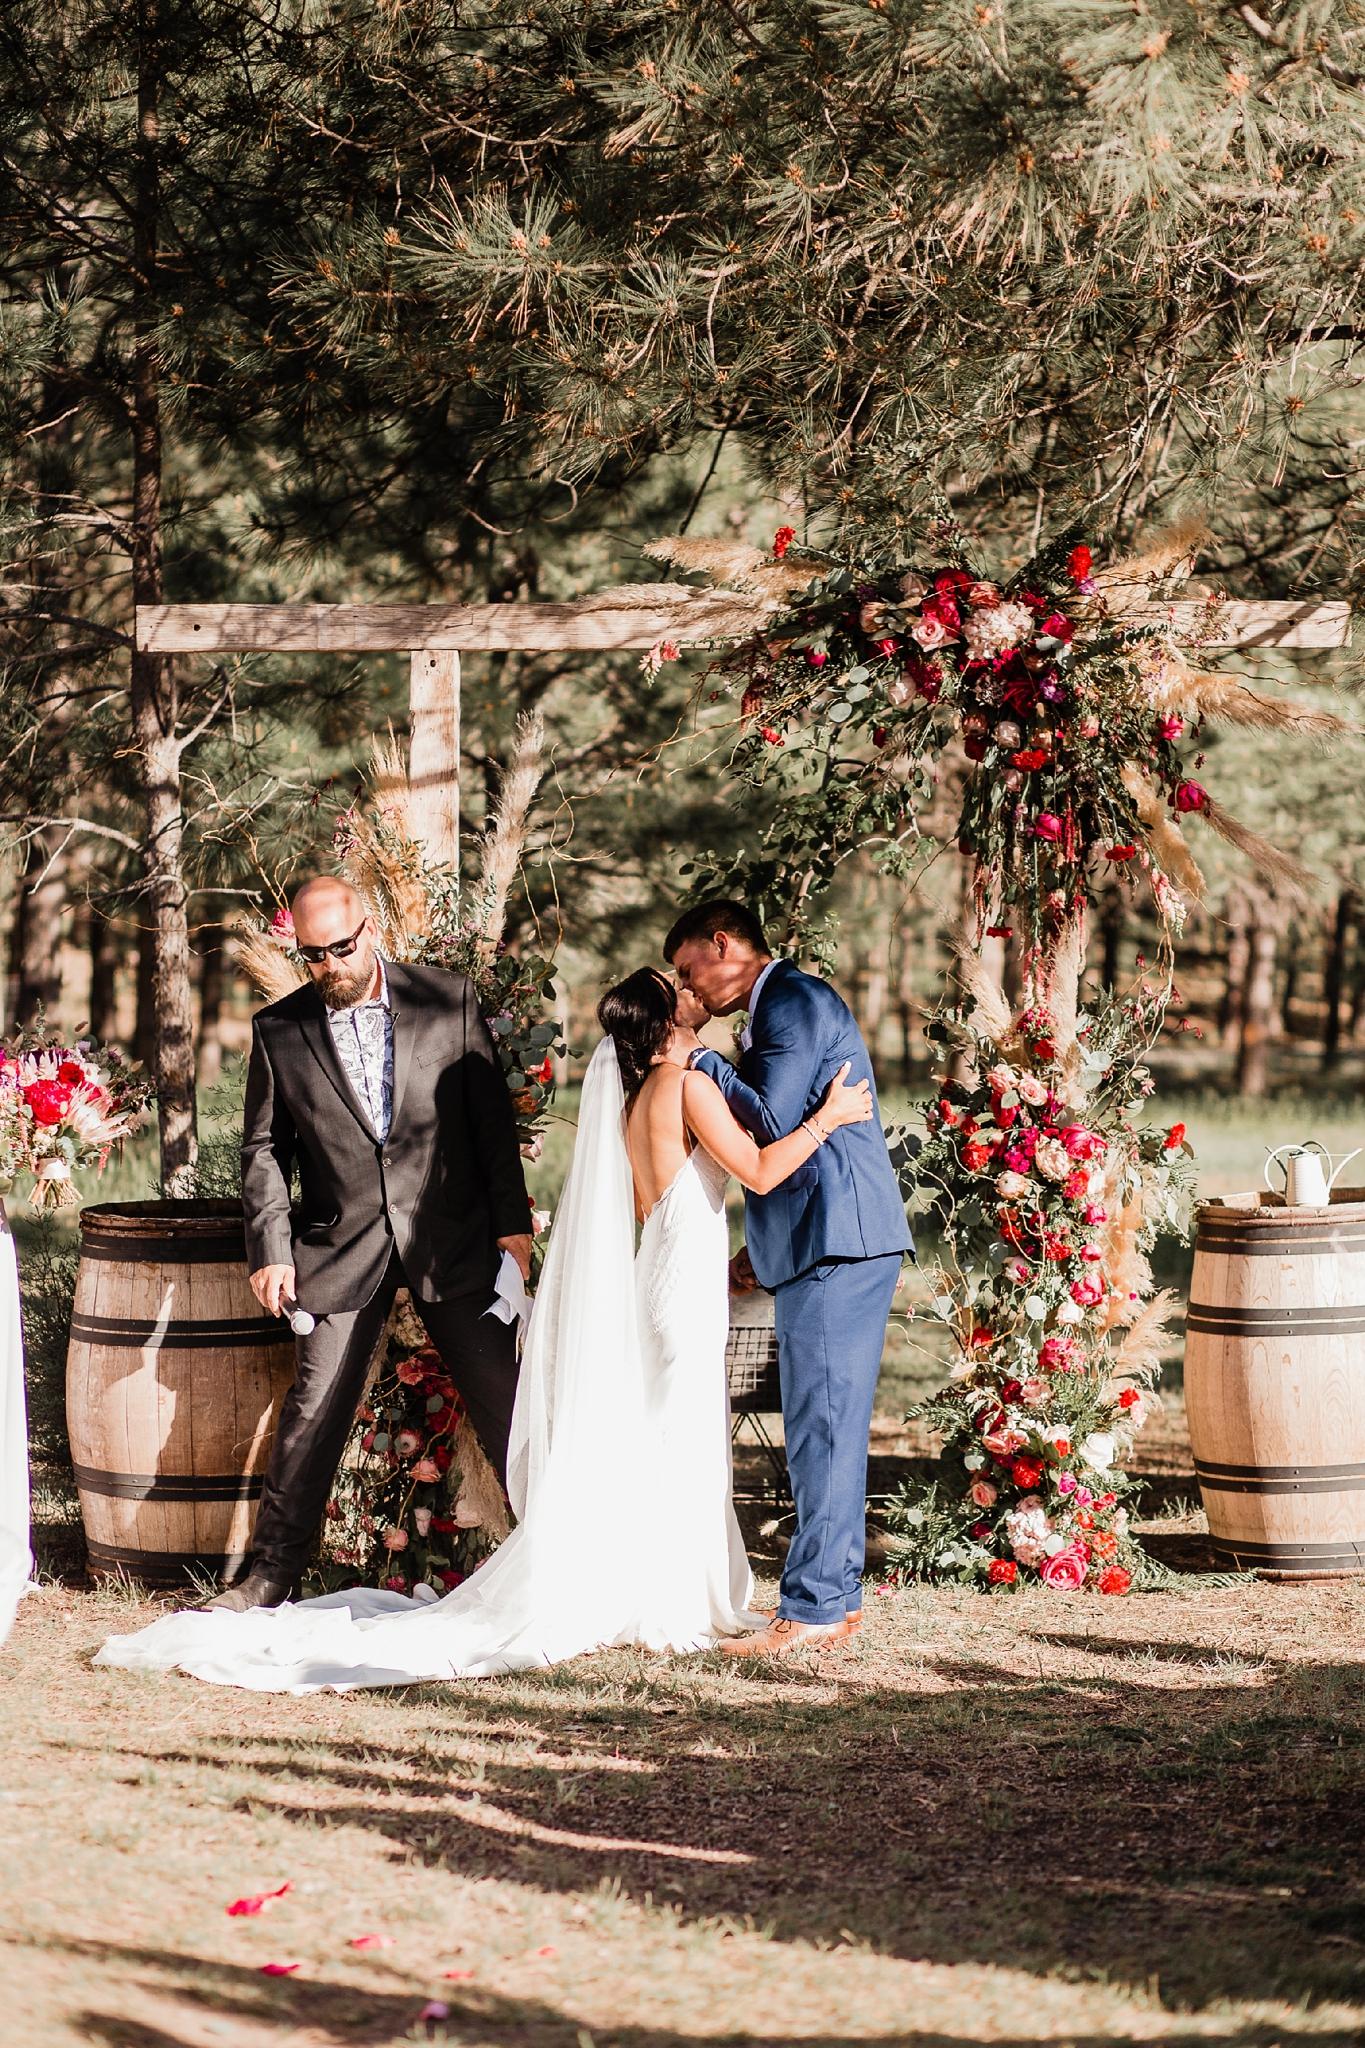 Alicia+lucia+photography+-+albuquerque+wedding+photographer+-+santa+fe+wedding+photography+-+new+mexico+wedding+photographer+-+new+mexico+wedding+-+new+mexico+wedding+-+barn+wedding+-+enchanted+vine+barn+wedding+-+ruidoso+wedding_0107.jpg